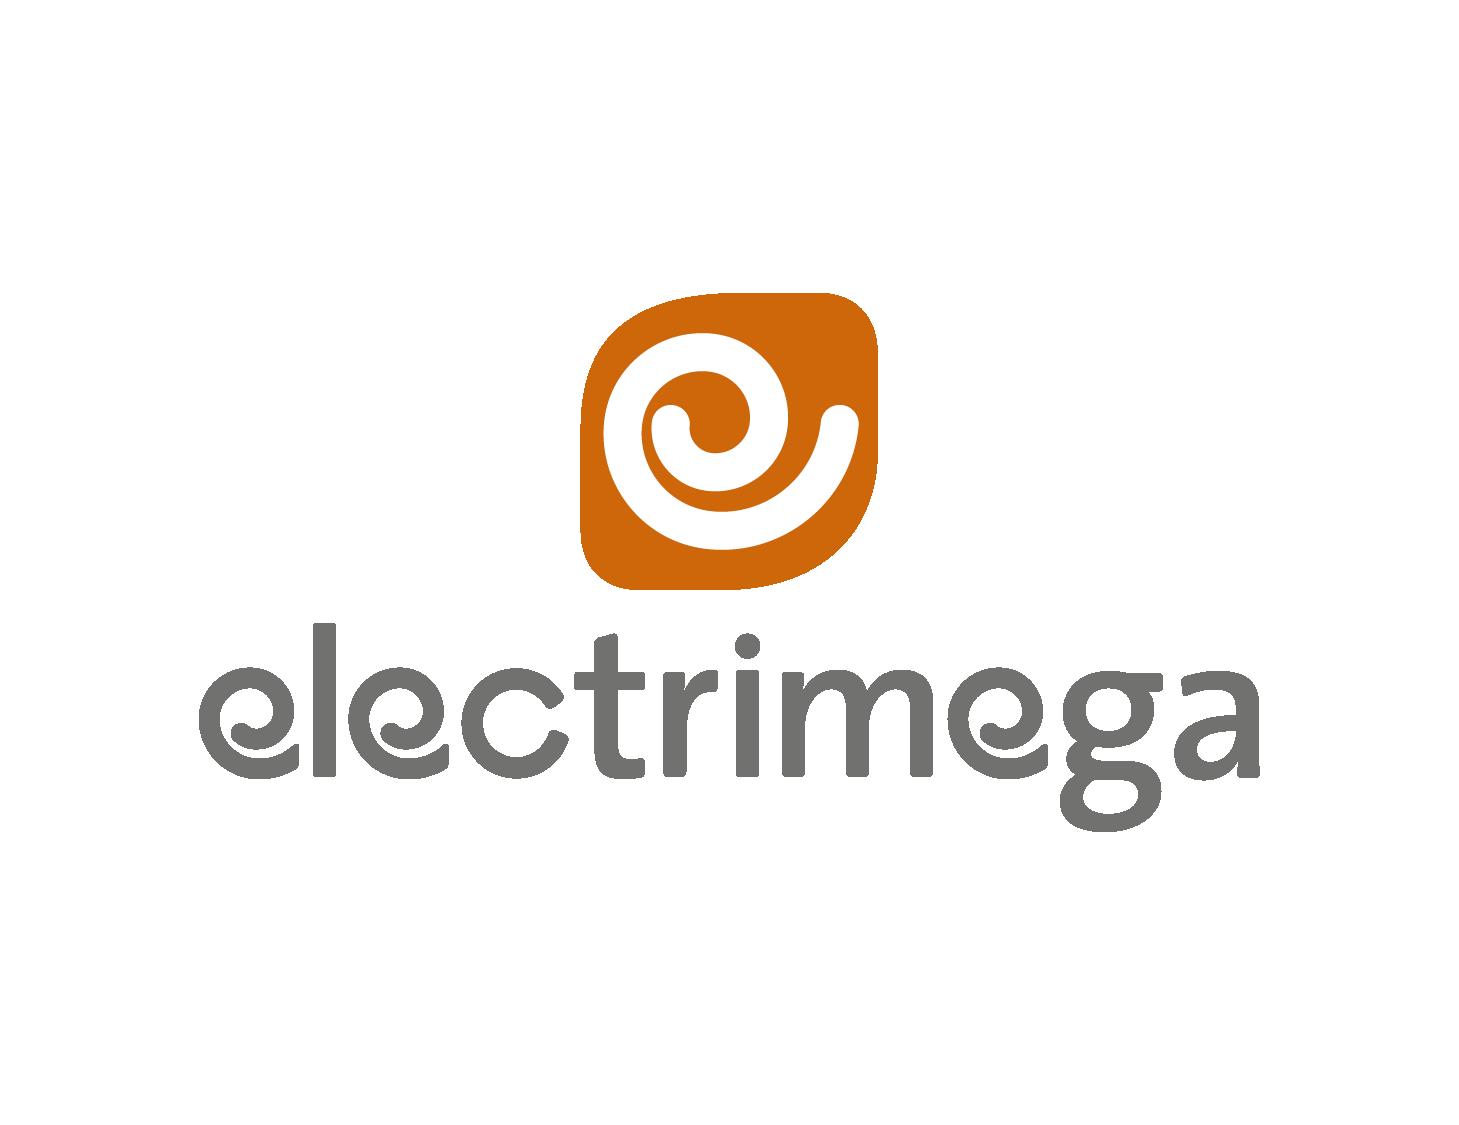 Electrimega